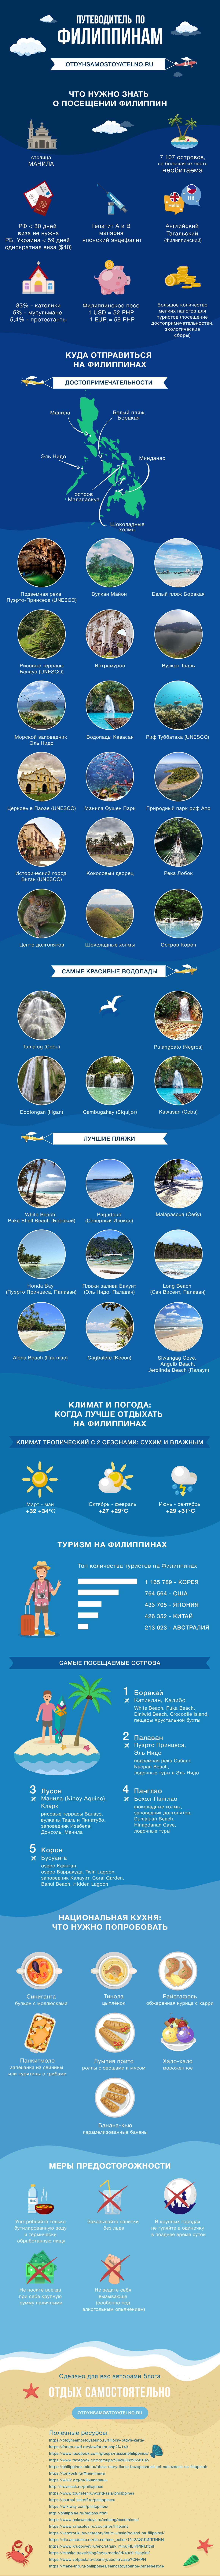 Инфографика: Путеводитель по Филиппинам